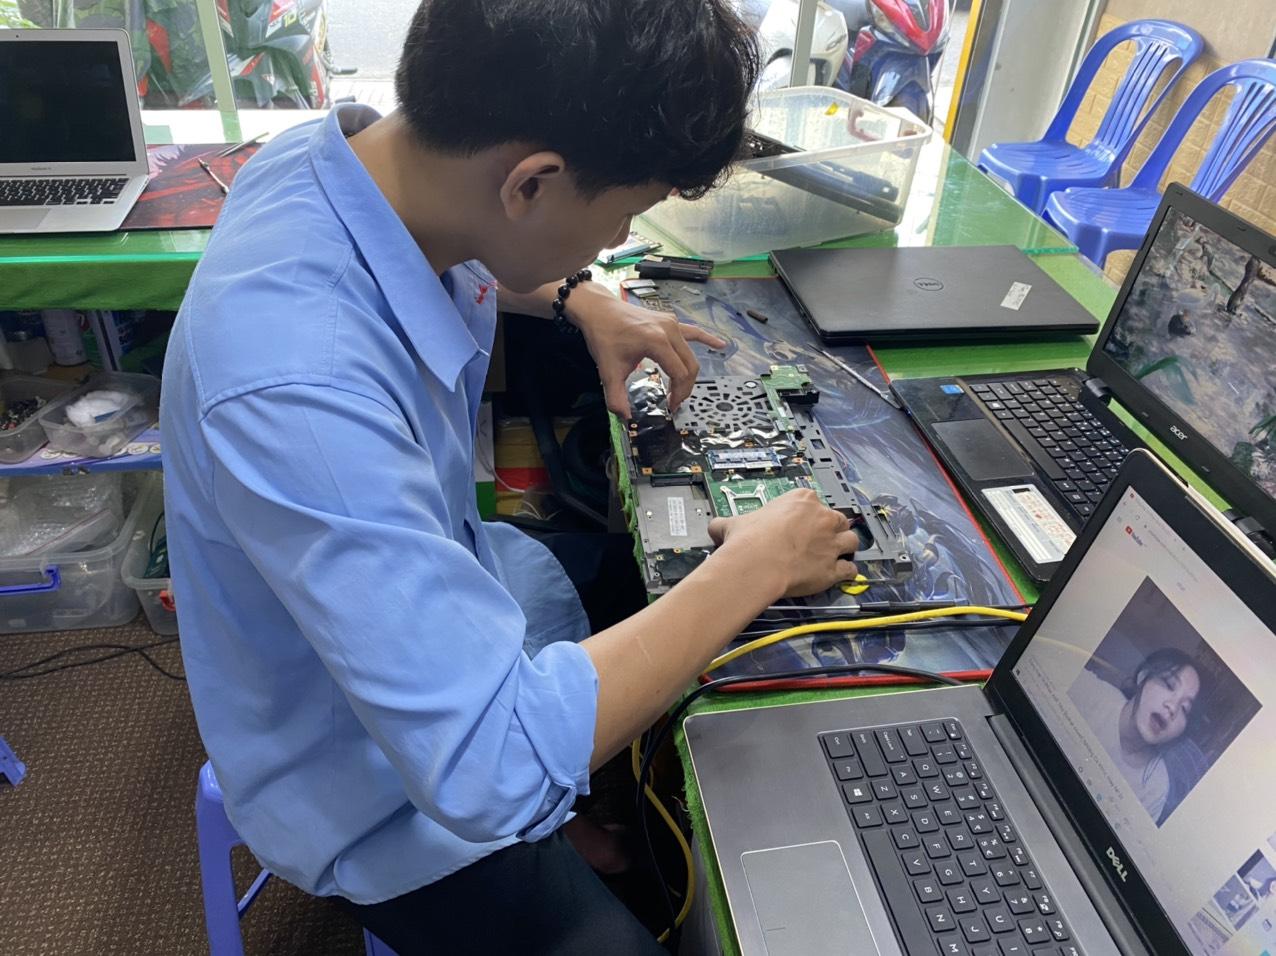 Vệ sinh máy tính laptop uy tín,lấy liền phường linh tây quận 9,quận thủ đức |hcm